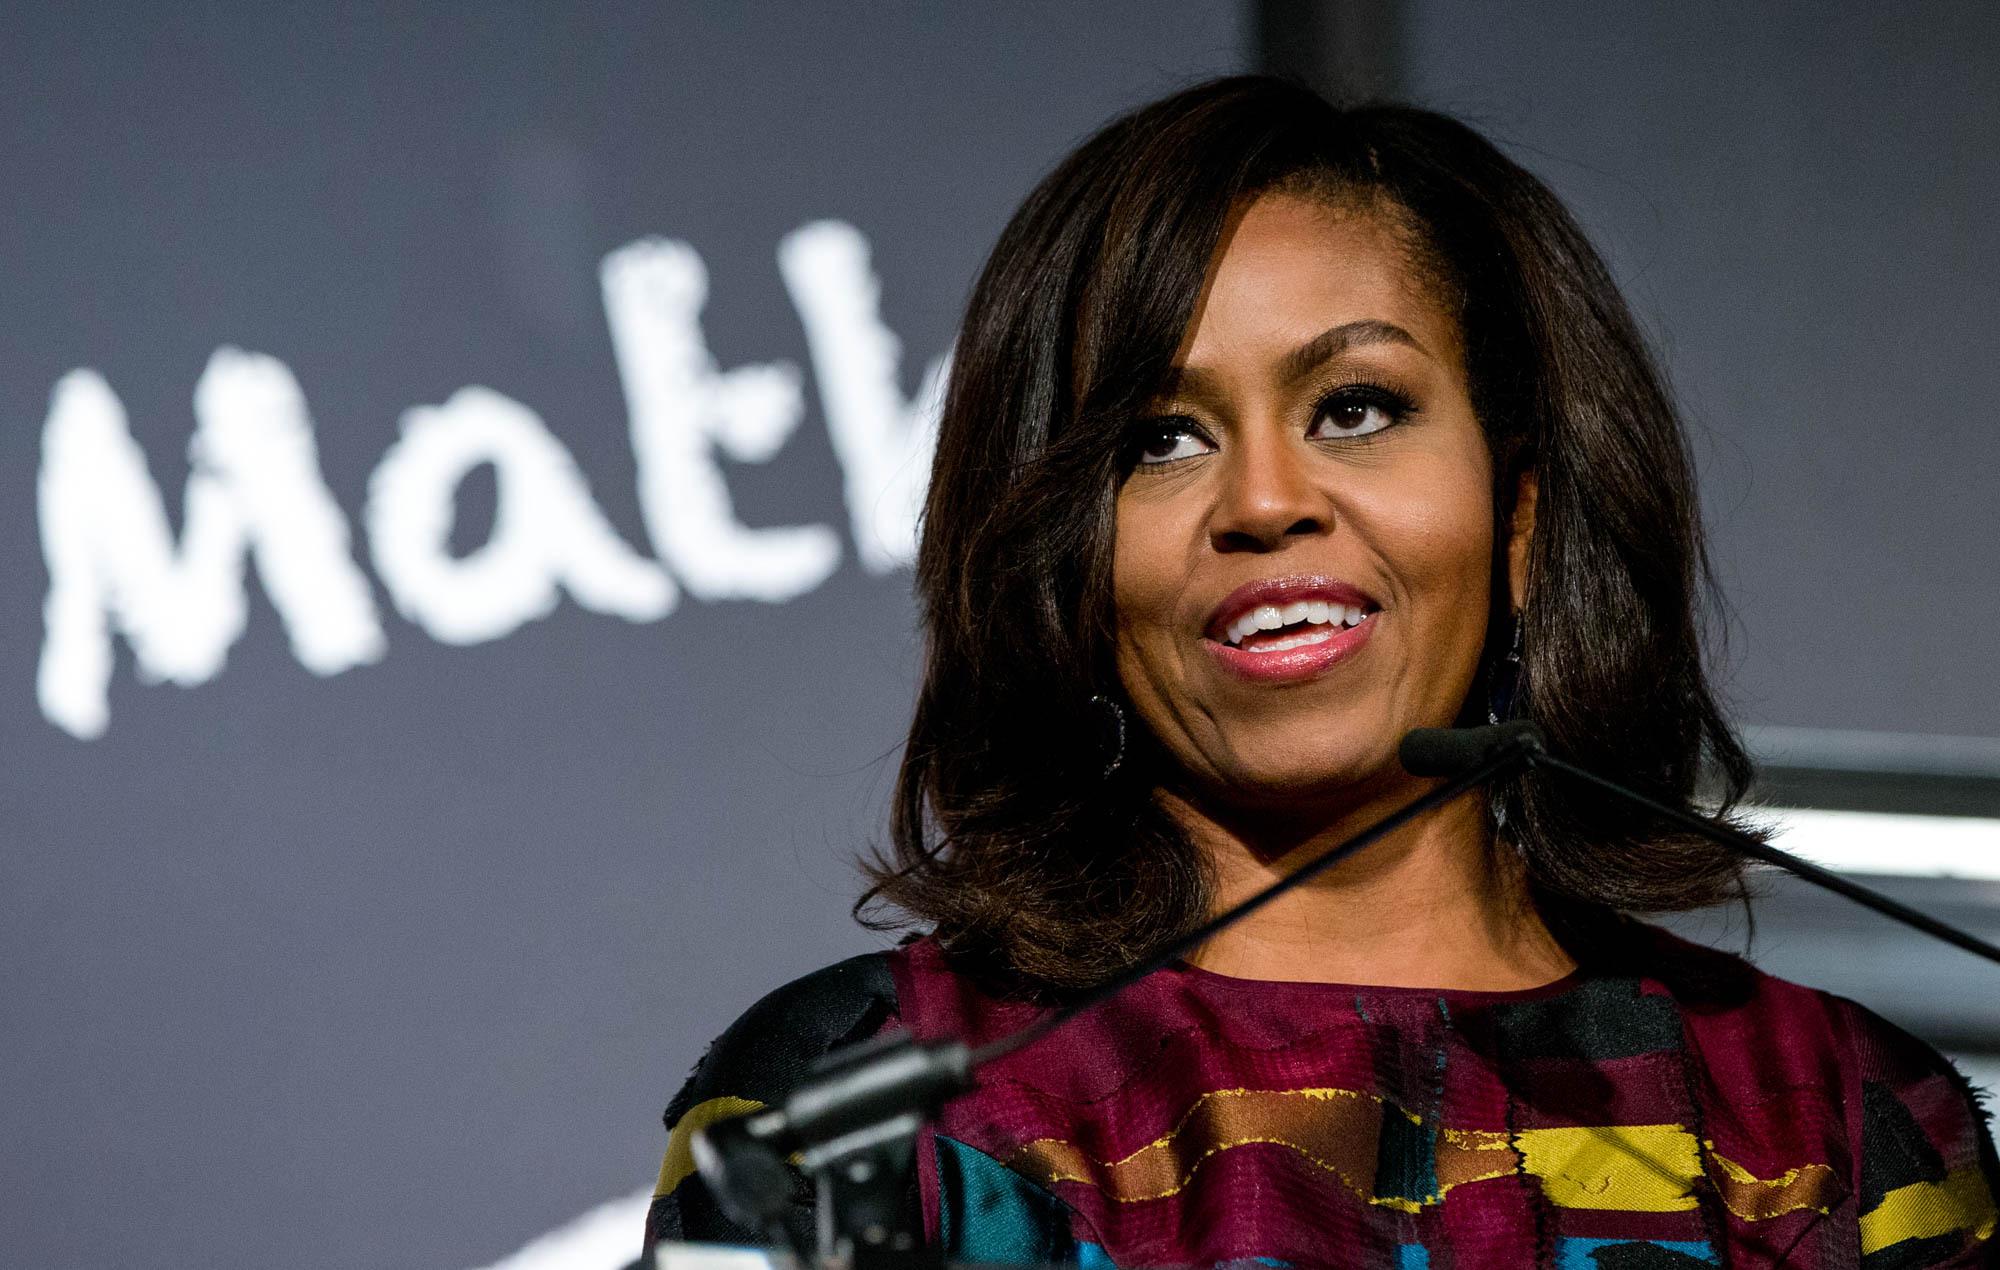 Michelle Obama Hd Wallpaper